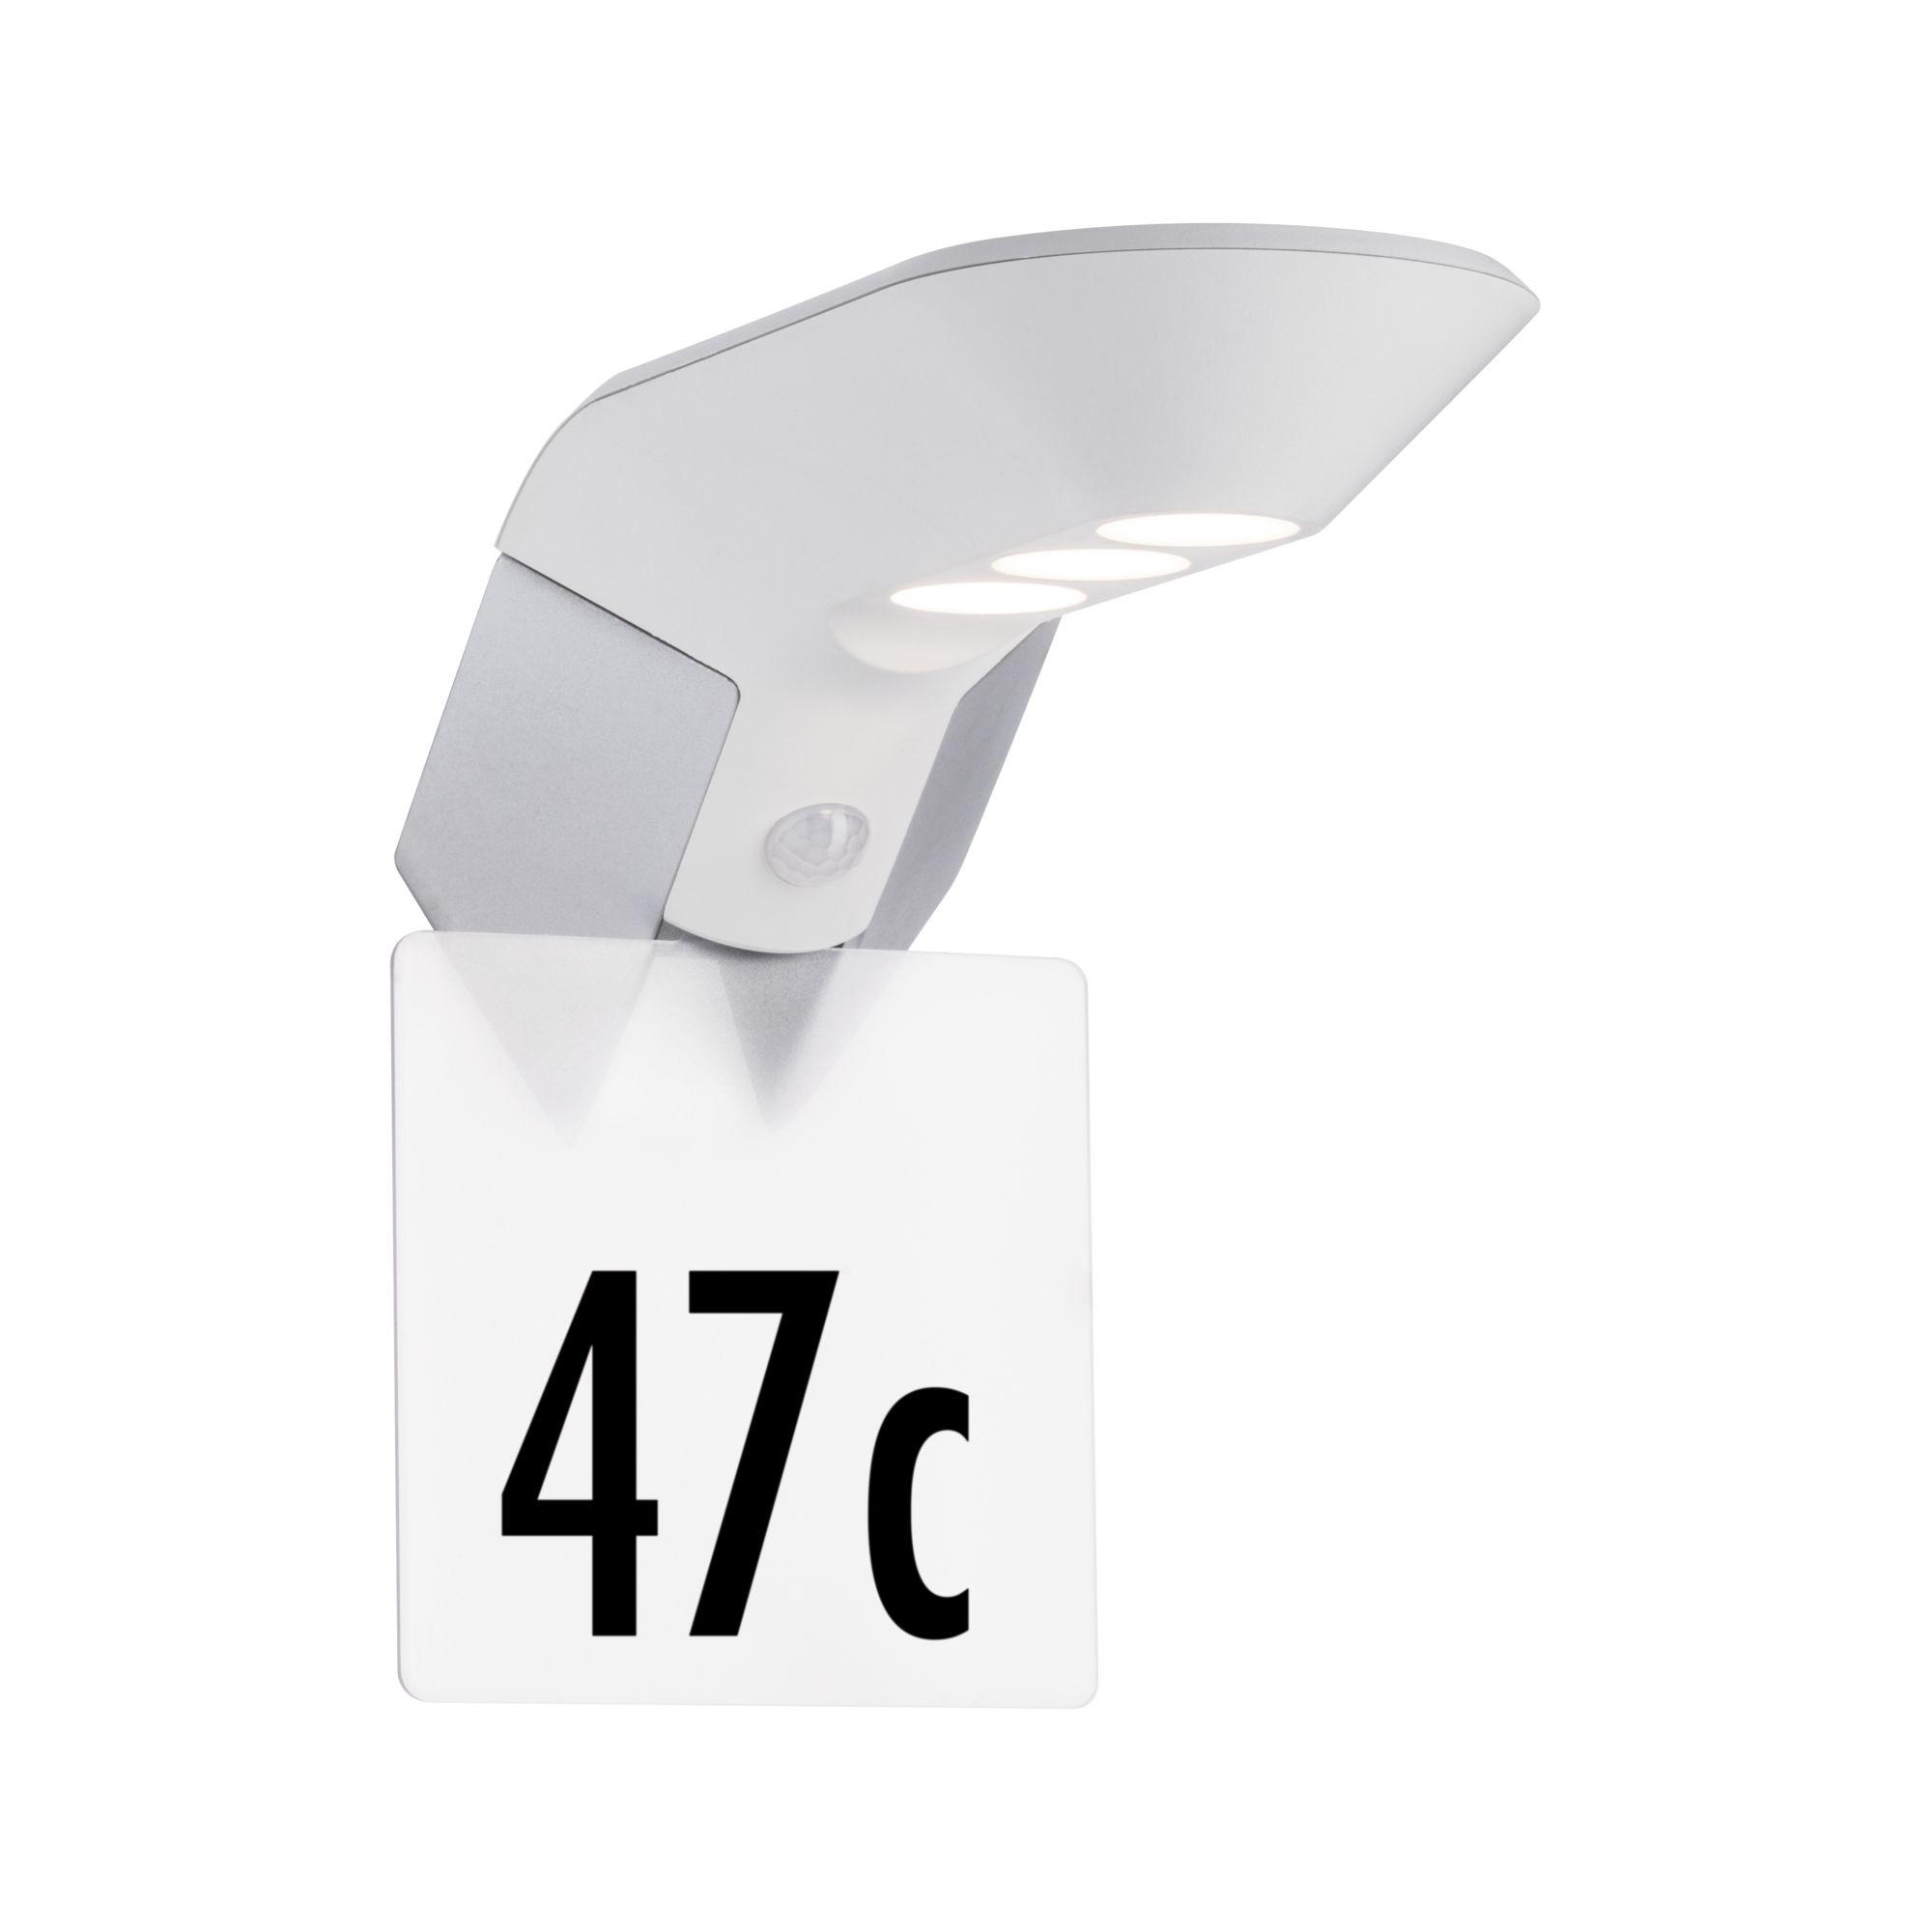 Paulmann Outdoor Solar Wandleuchte Soley IP44Zubehör Hausnummer Metall Weiß